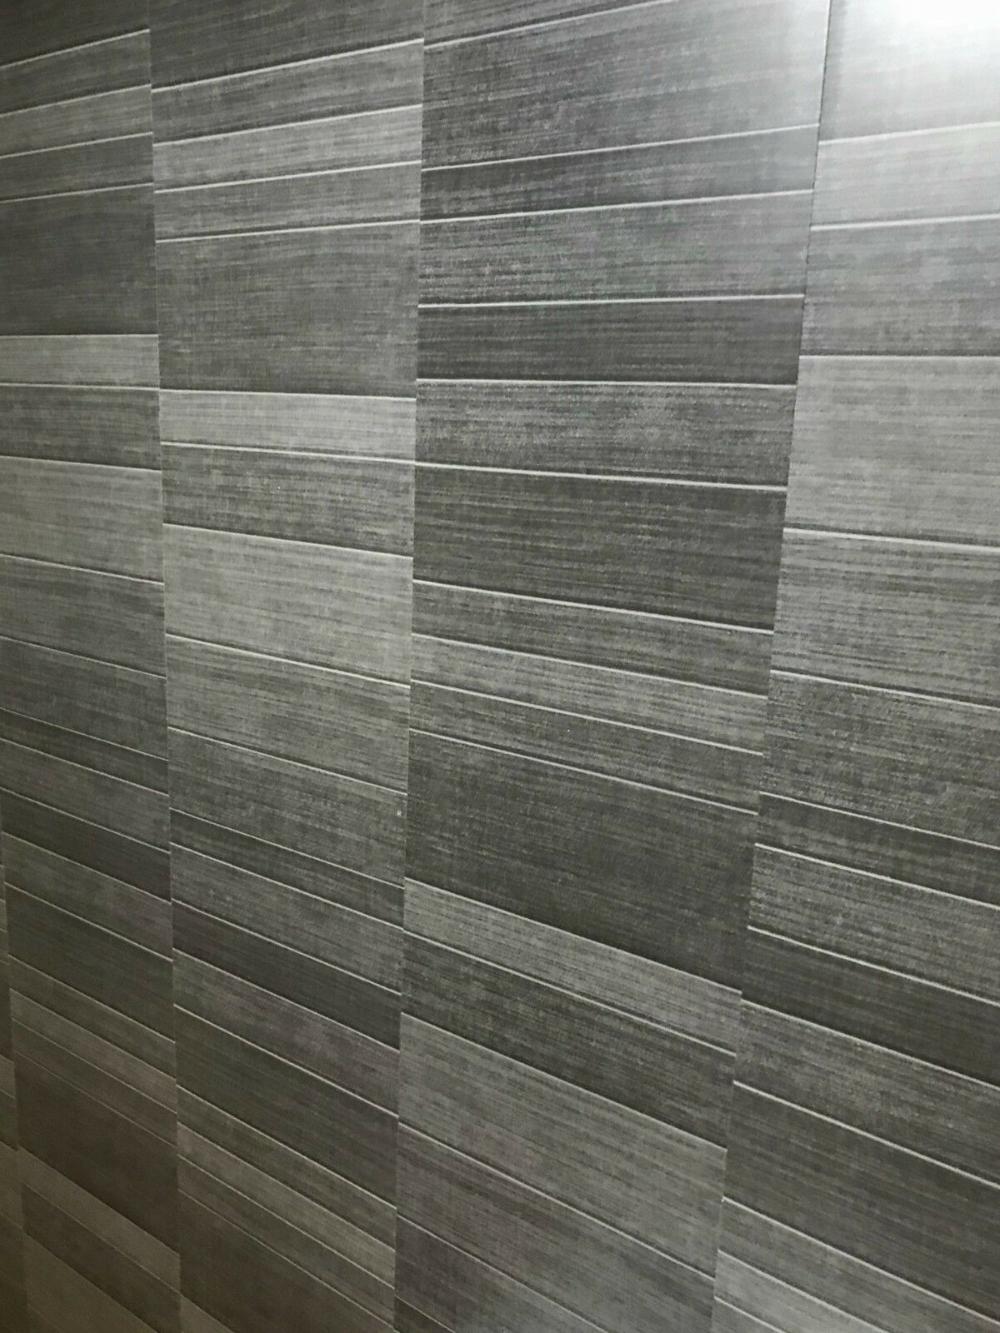 details about grey panels tile effect cladding sparkle